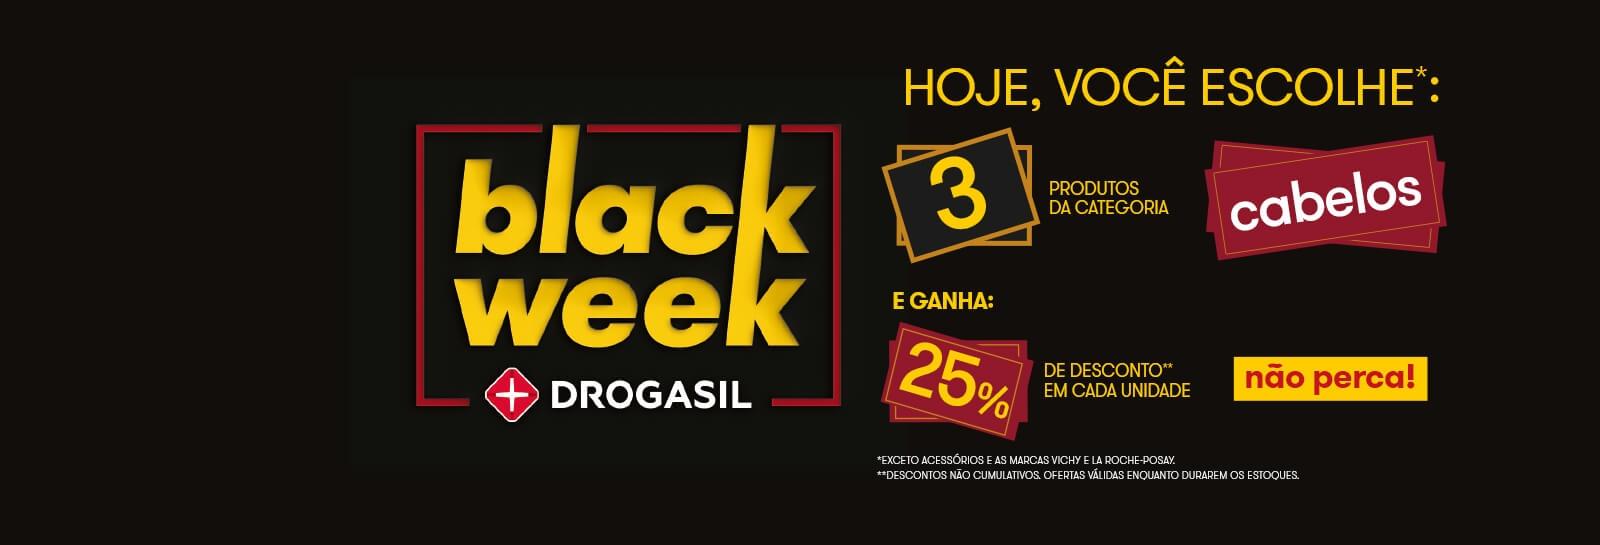 black_week_cabelos